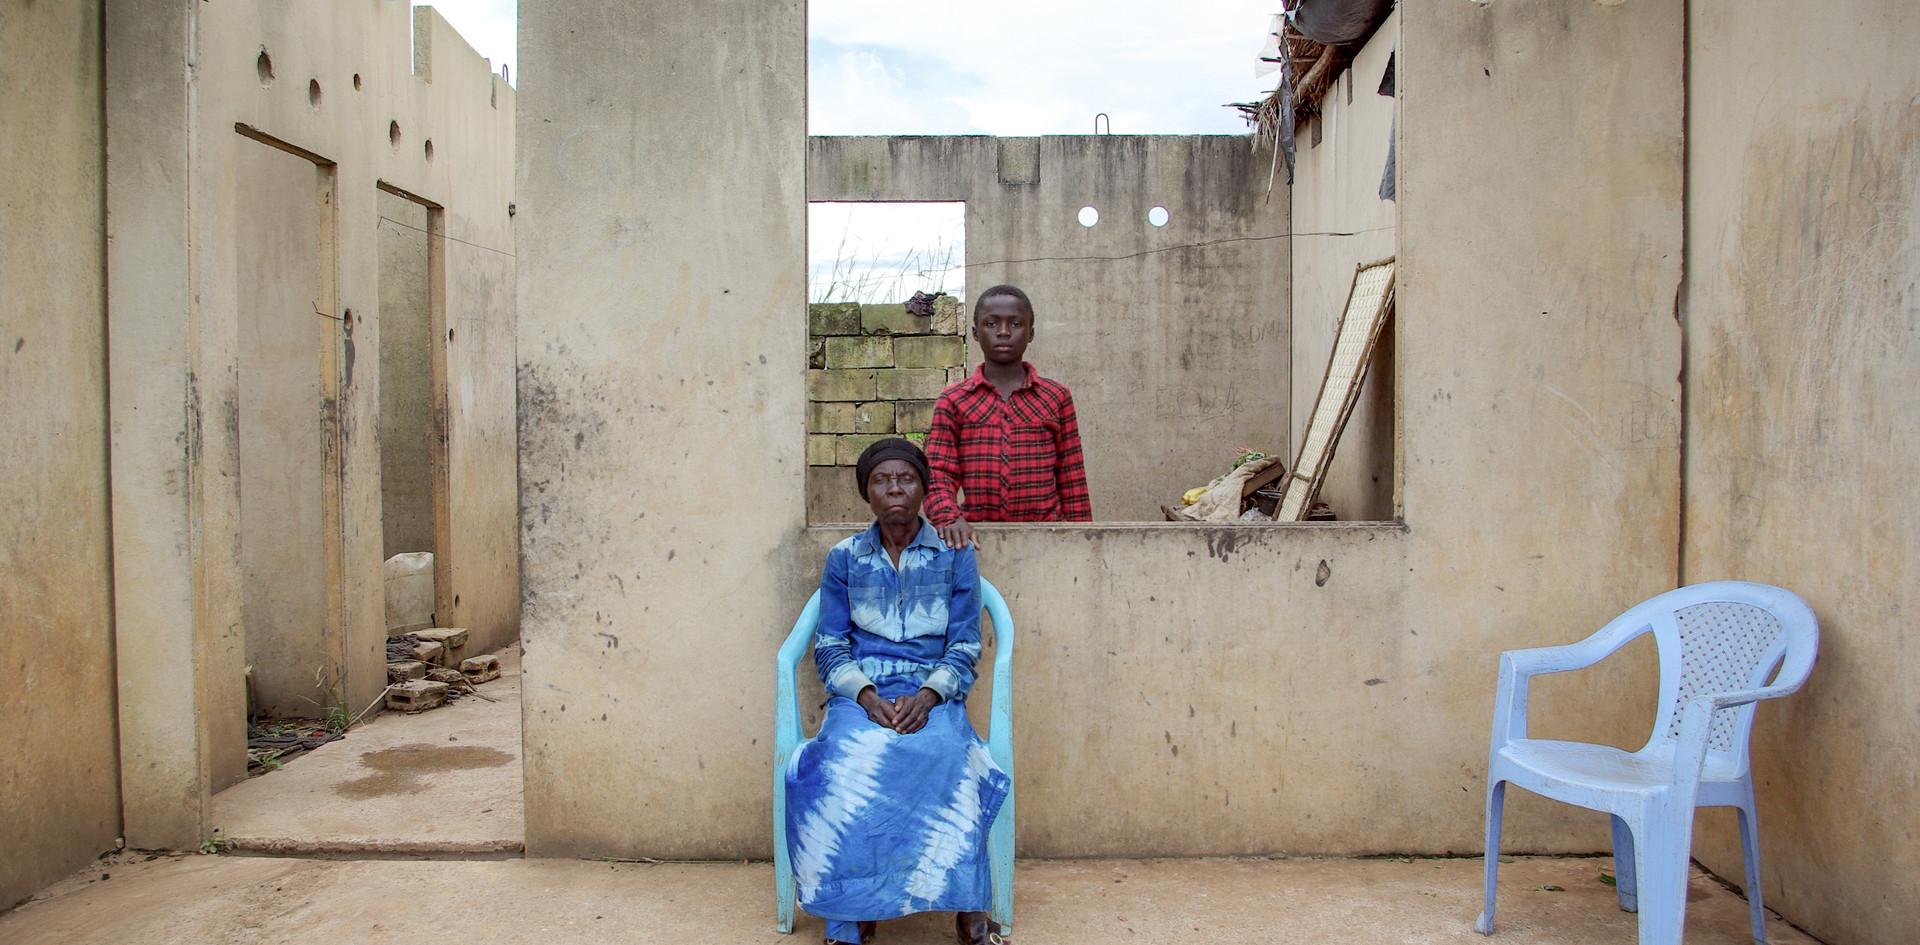 DRC, 2013